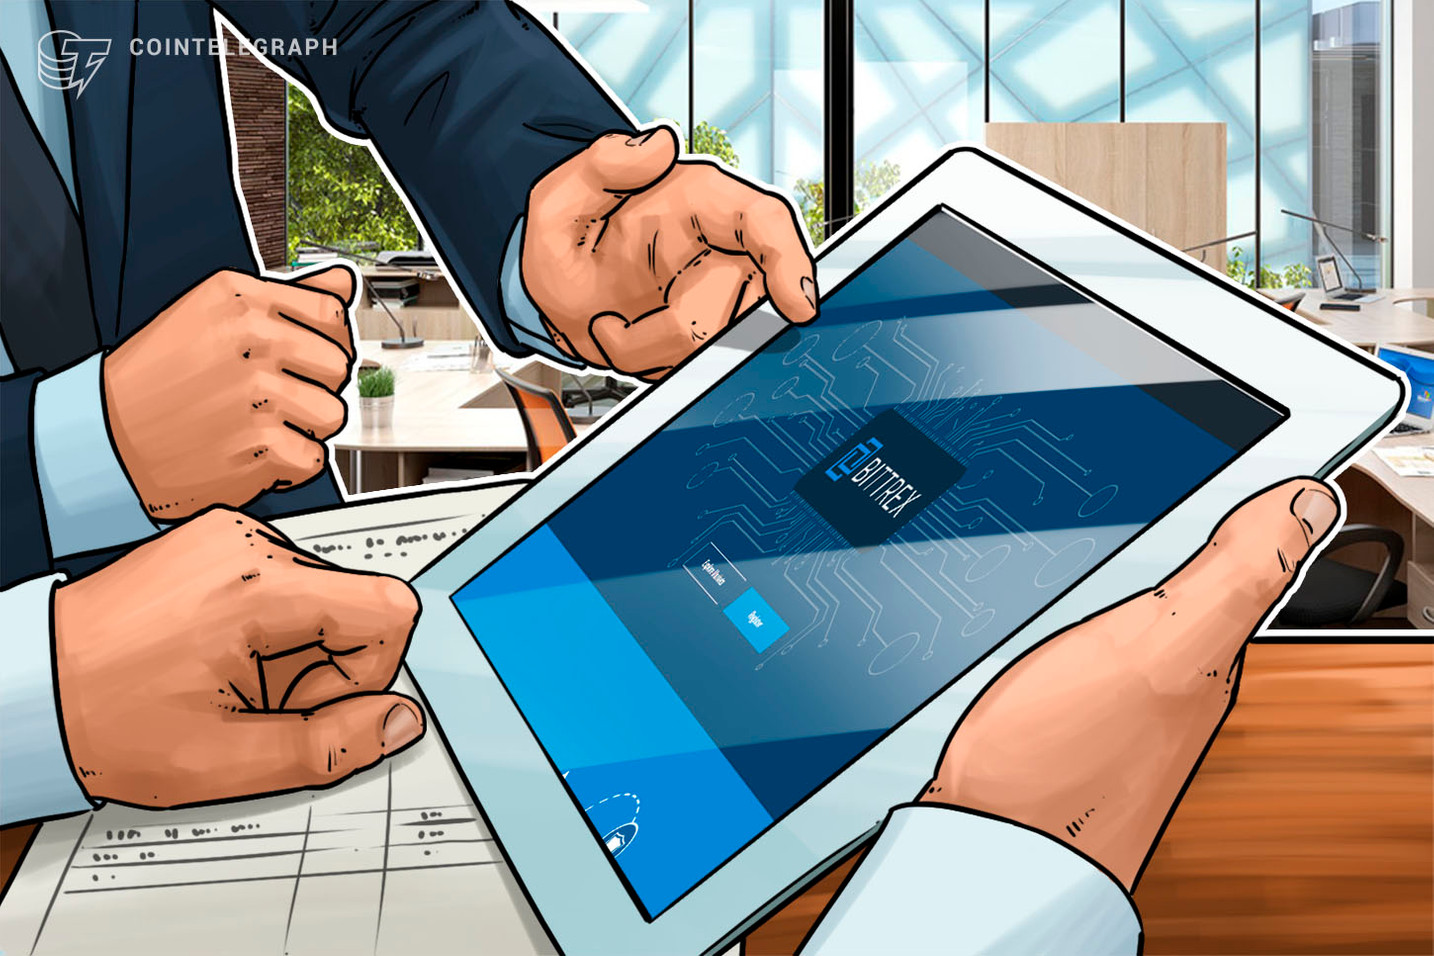 """بورصة العملات الرقمية """"بيتركس"""" تعيد فتح التسجيلات، والمستخدمون ينتقدون الواجهة الجديدة"""